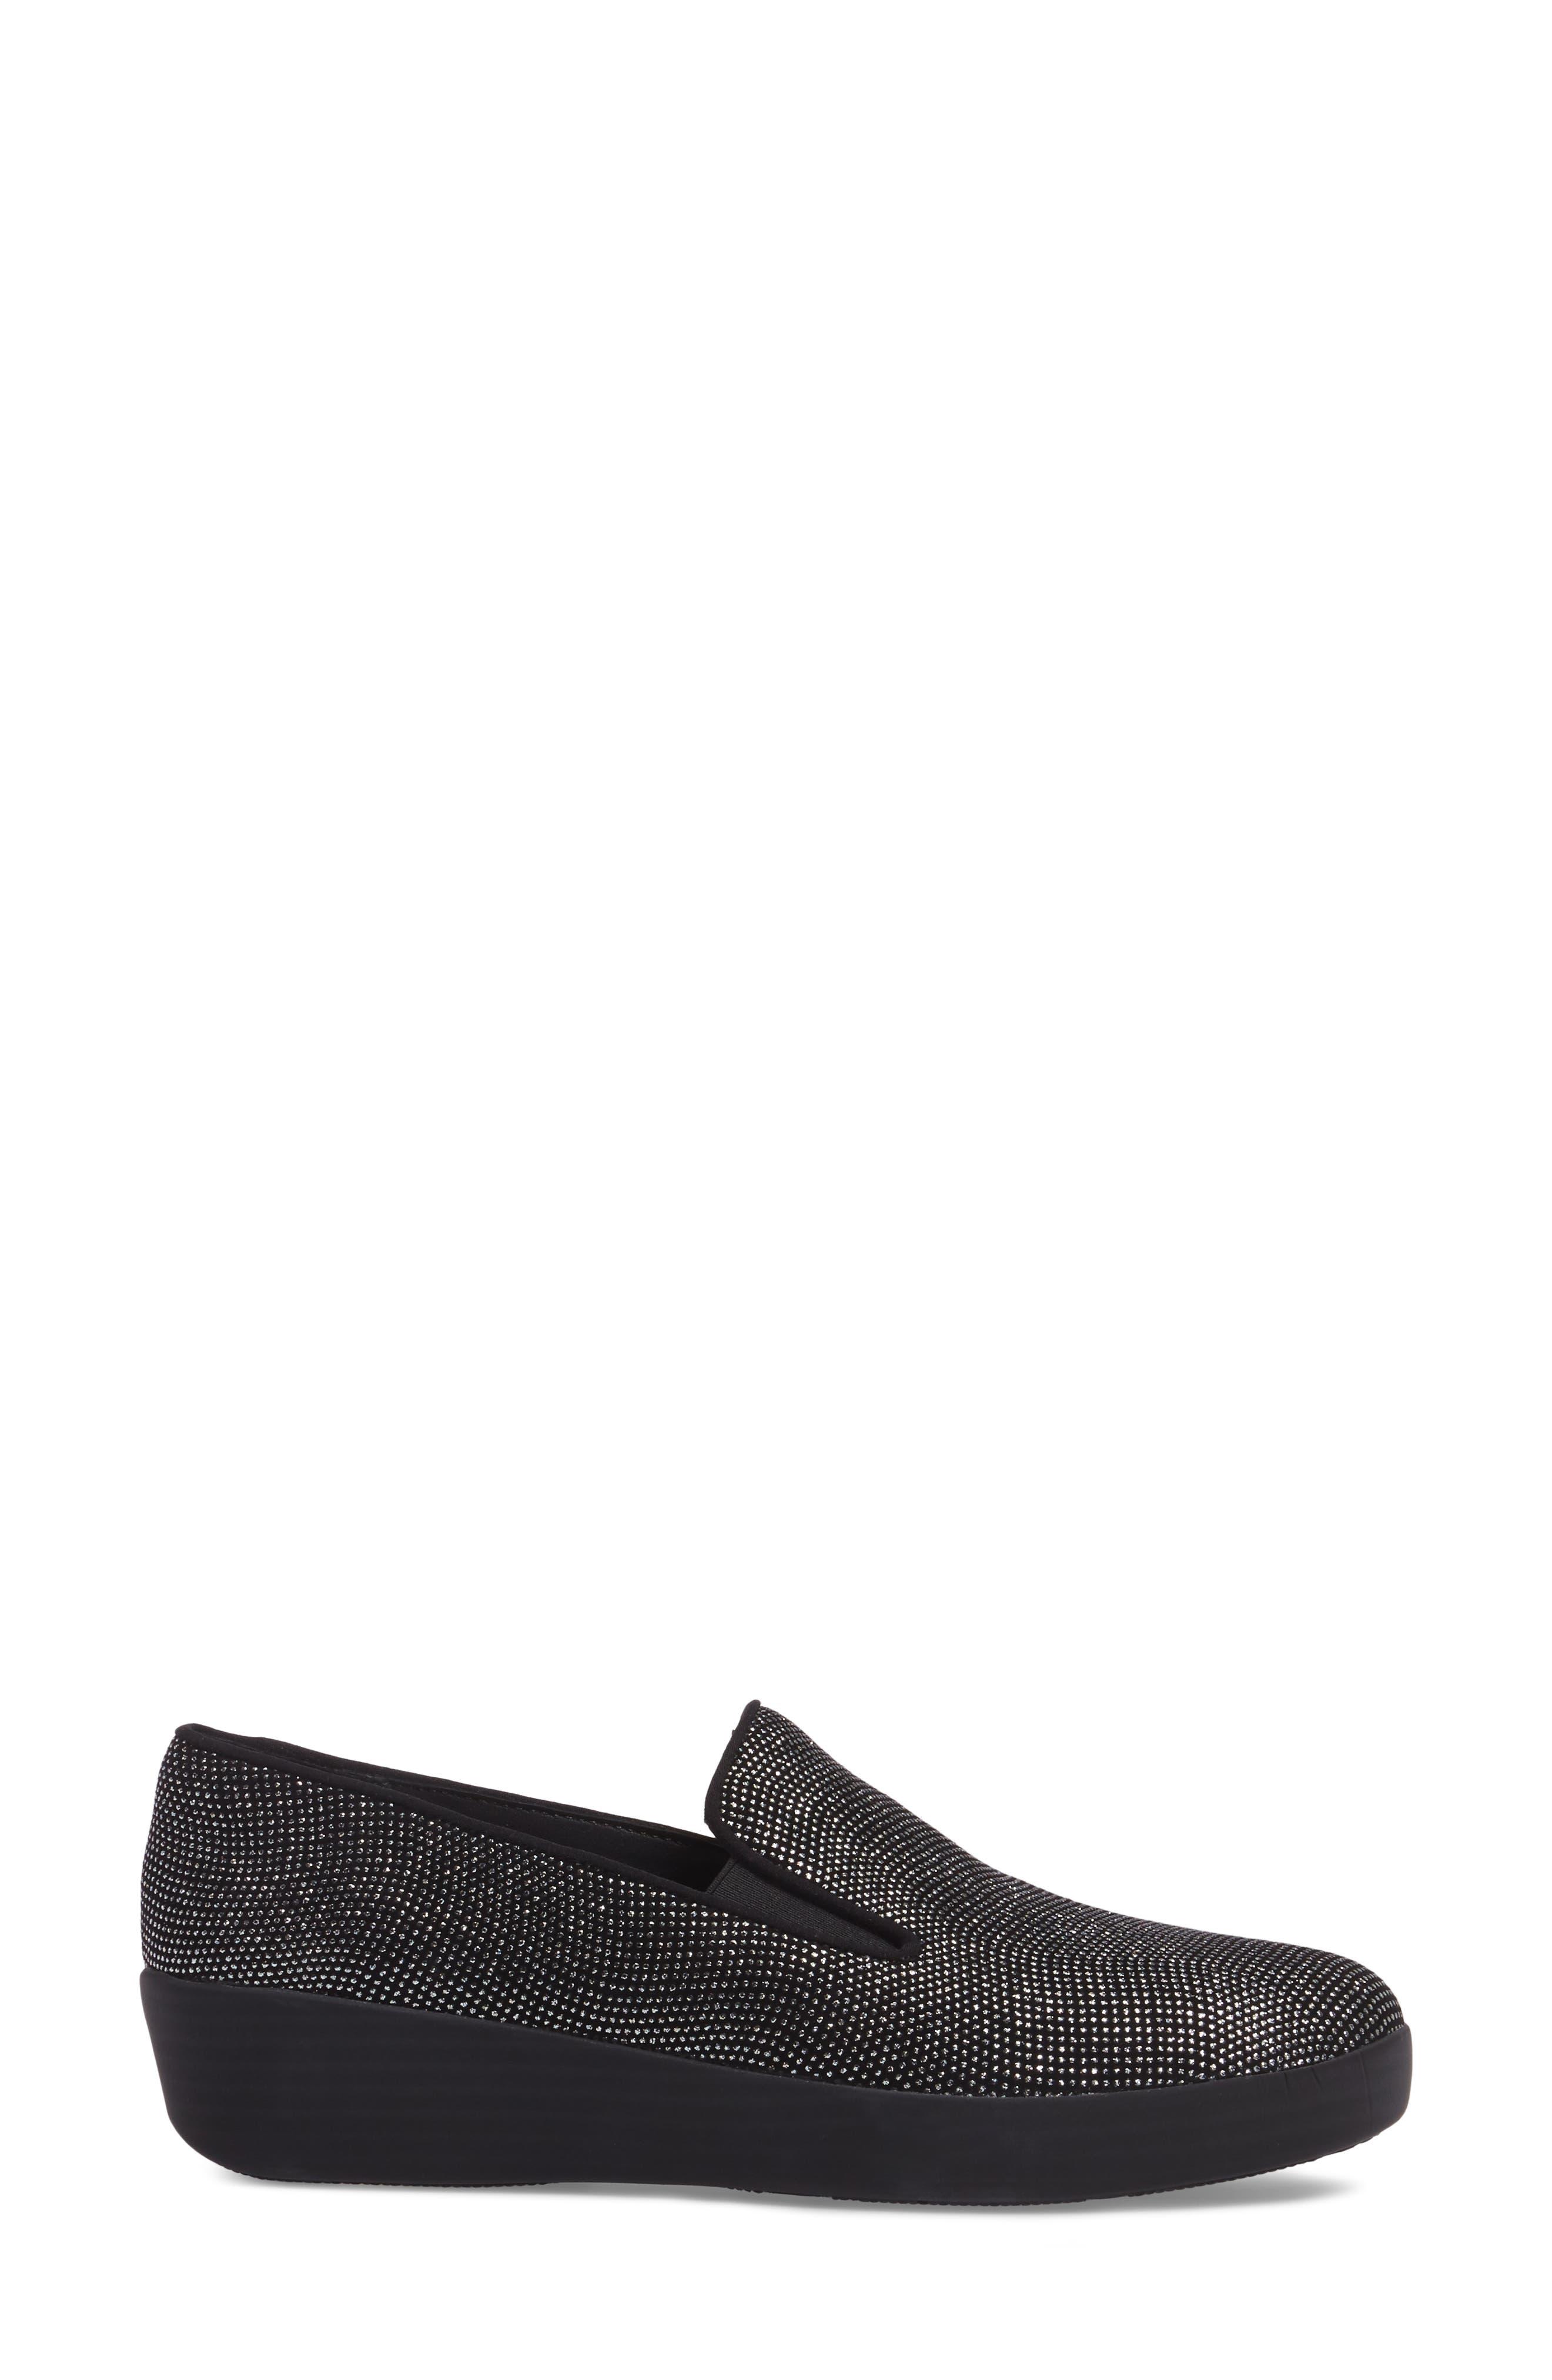 Superskate Glitter Dot Slip-On Sneaker,                             Alternate thumbnail 3, color,                             Black Glimmer Suede